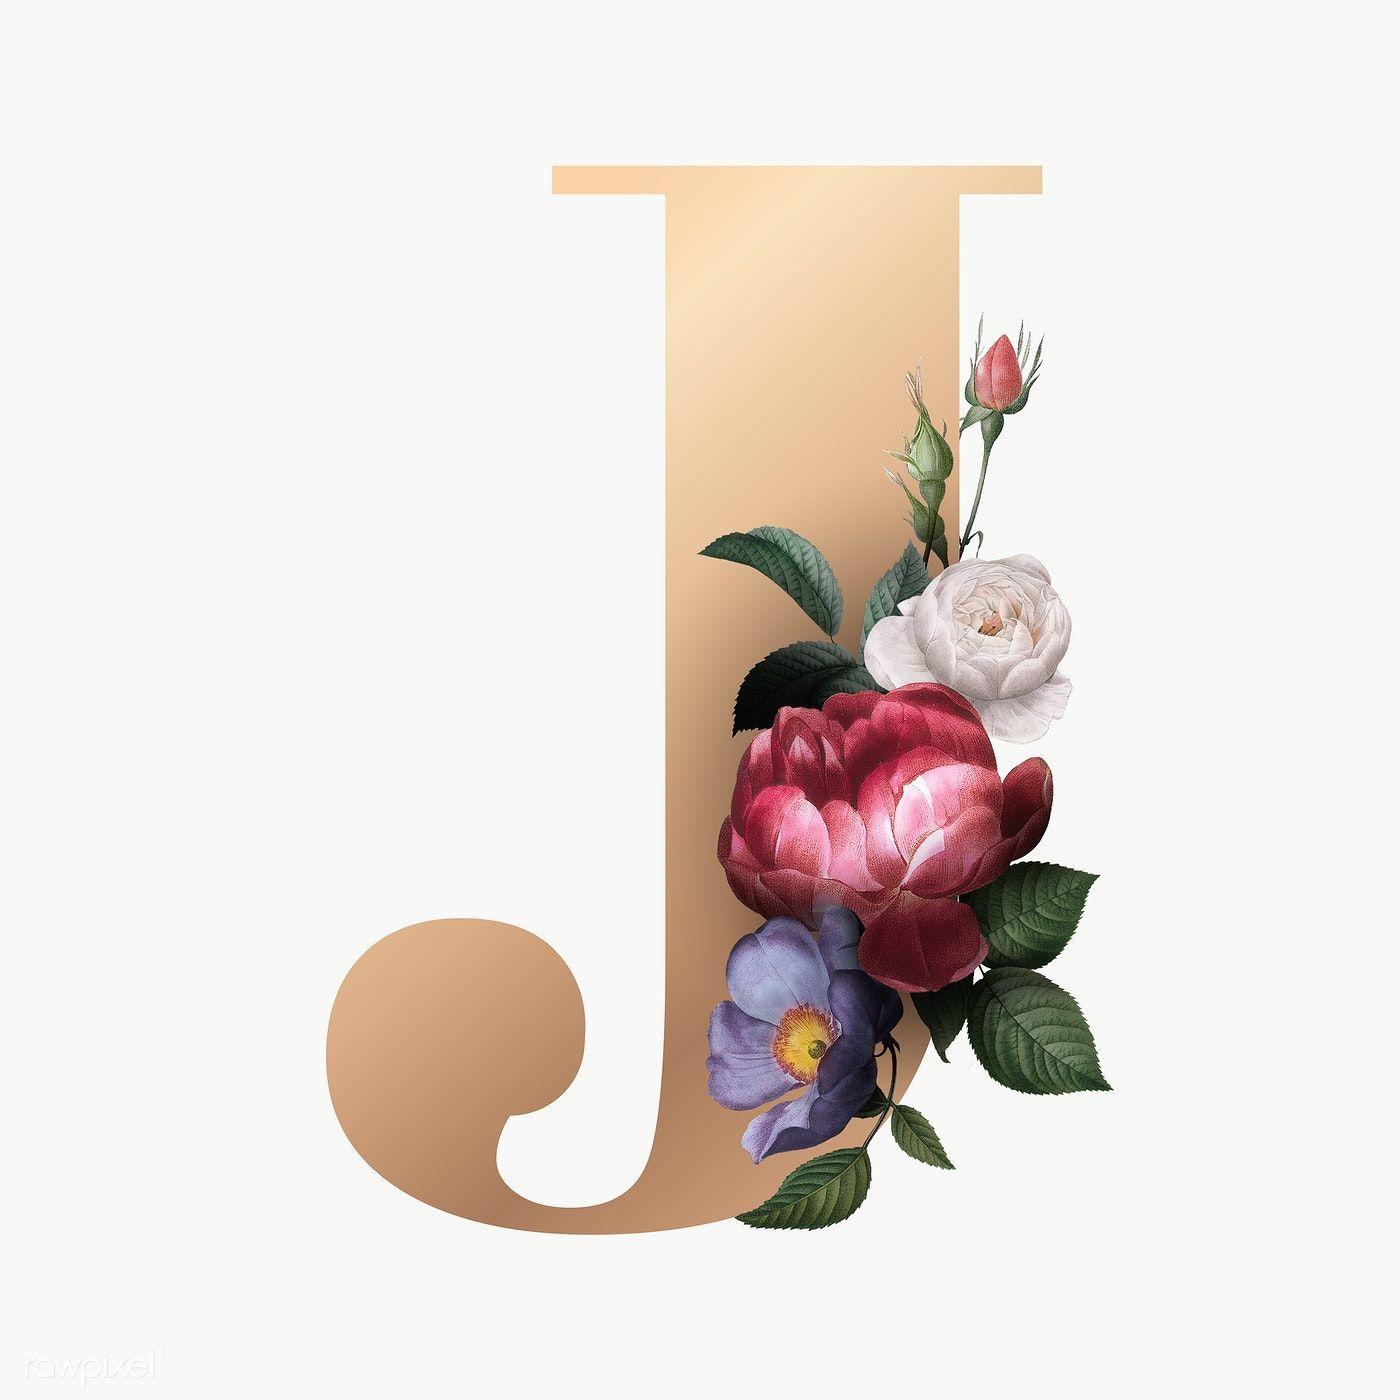 Classic And Elegant Floral Alphabet Font Letter J Transparent Png Free Image By Rawpixel Com Manotan Disenos De Letras Acuarela Floral Arte De Mickey Mouse